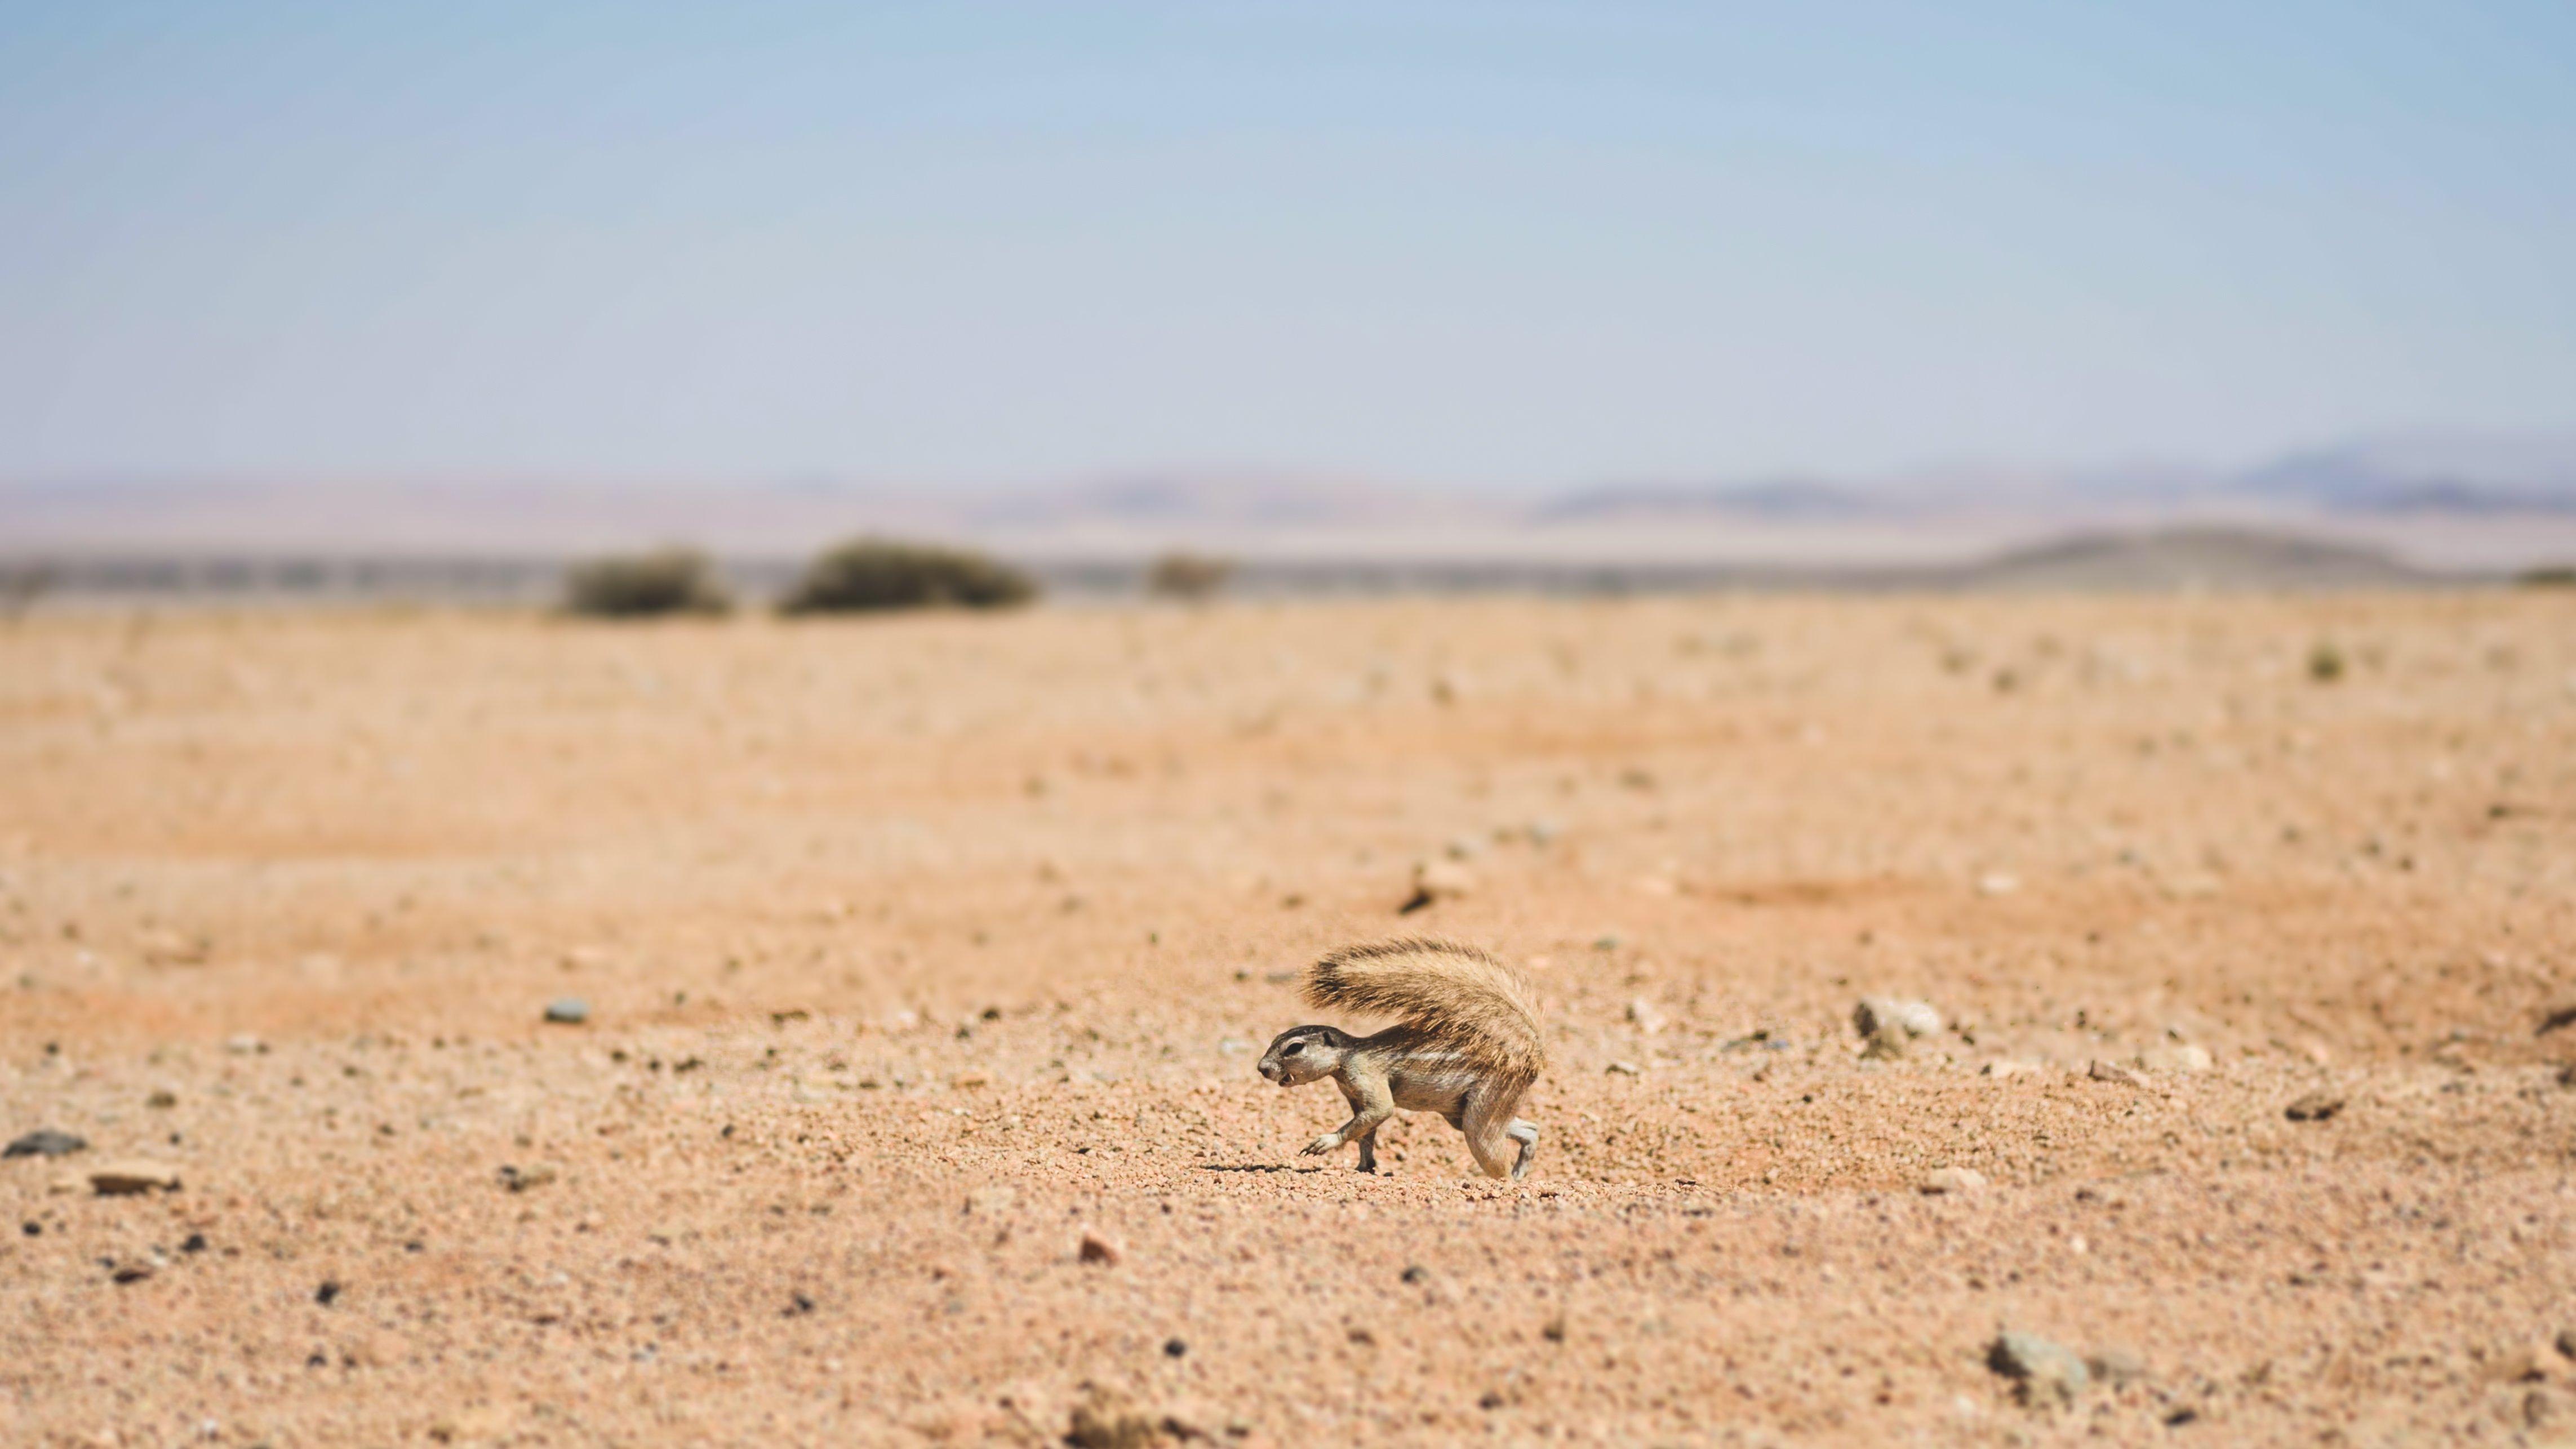 африка, намибия, животные, белка, пустынная белка, пустыня намиб, зимбабве, wildlife, wildlife photography, africa, Николаев Дмитрий